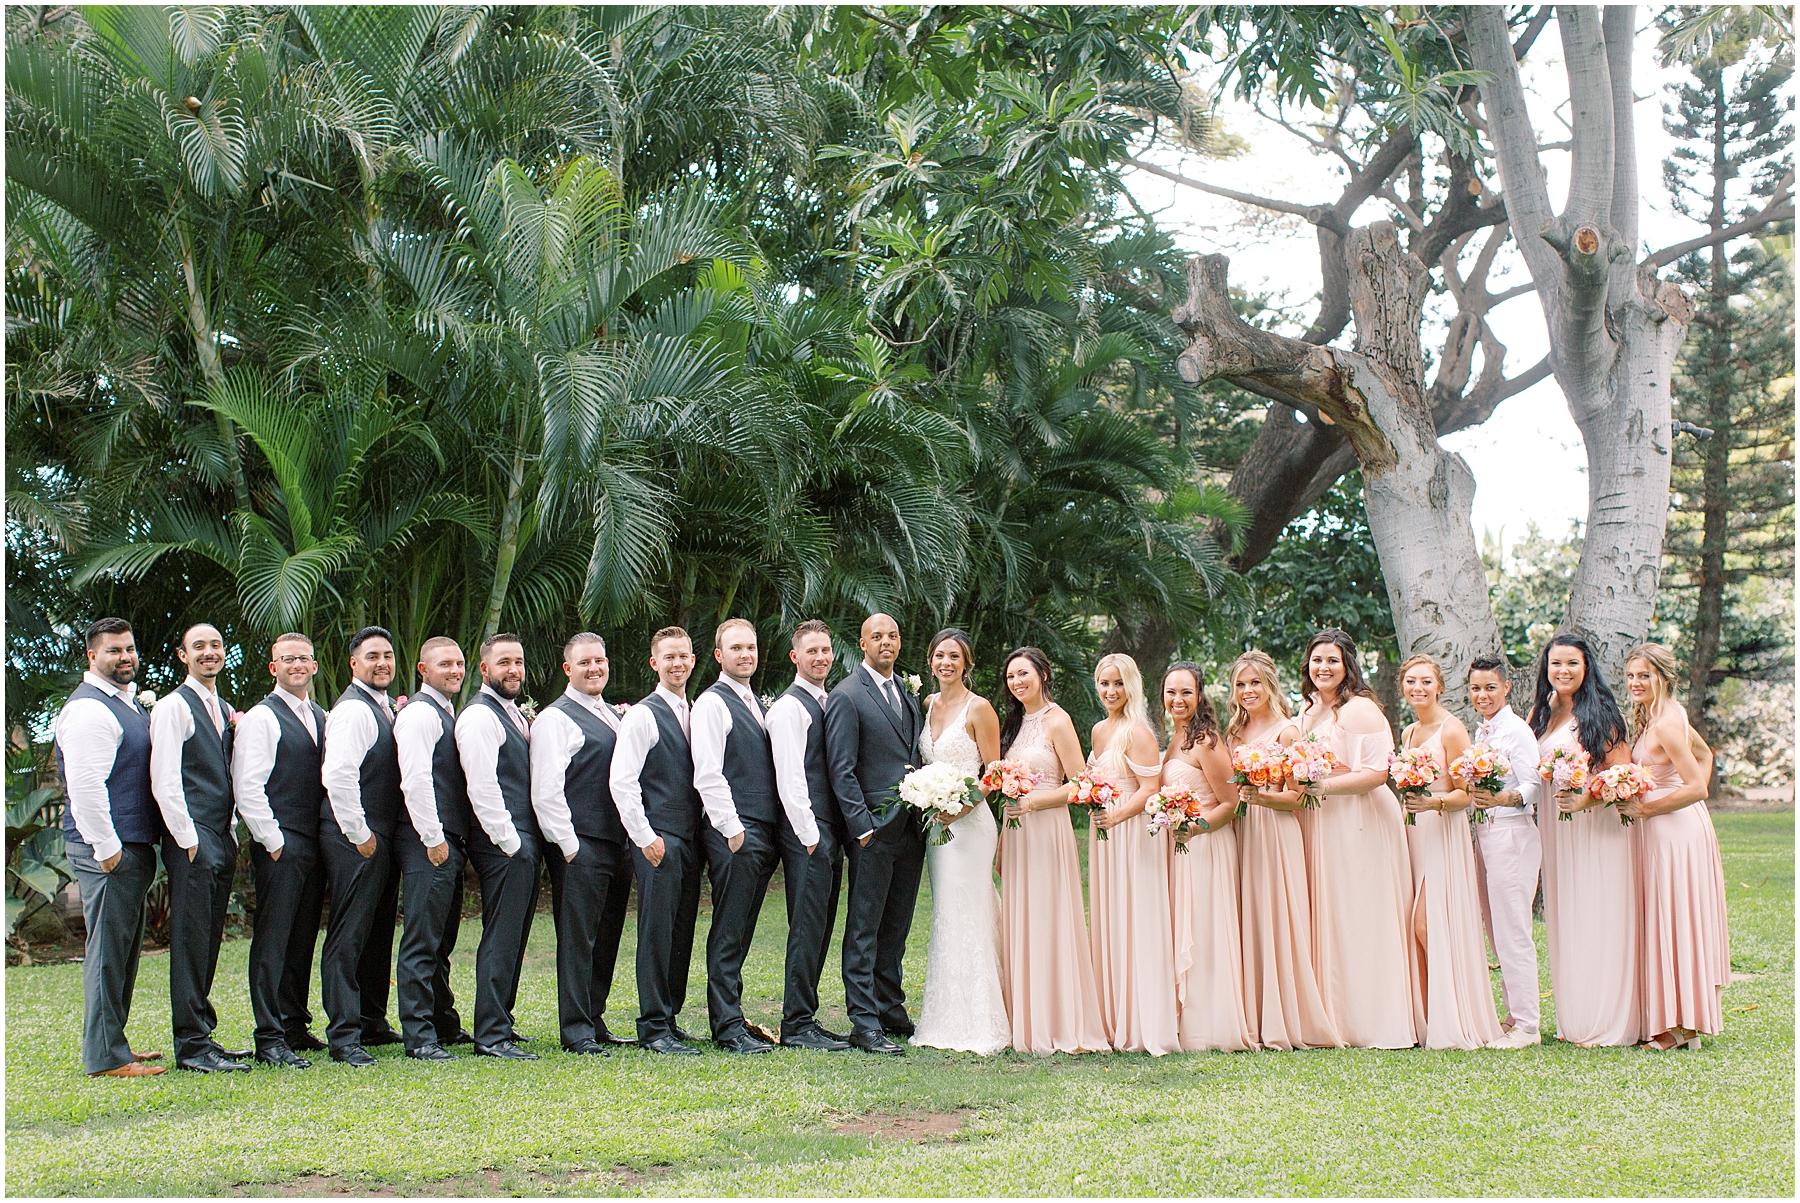 Olowalu-Plantation-House-wedding-Maui-Hawaii-1.jpg